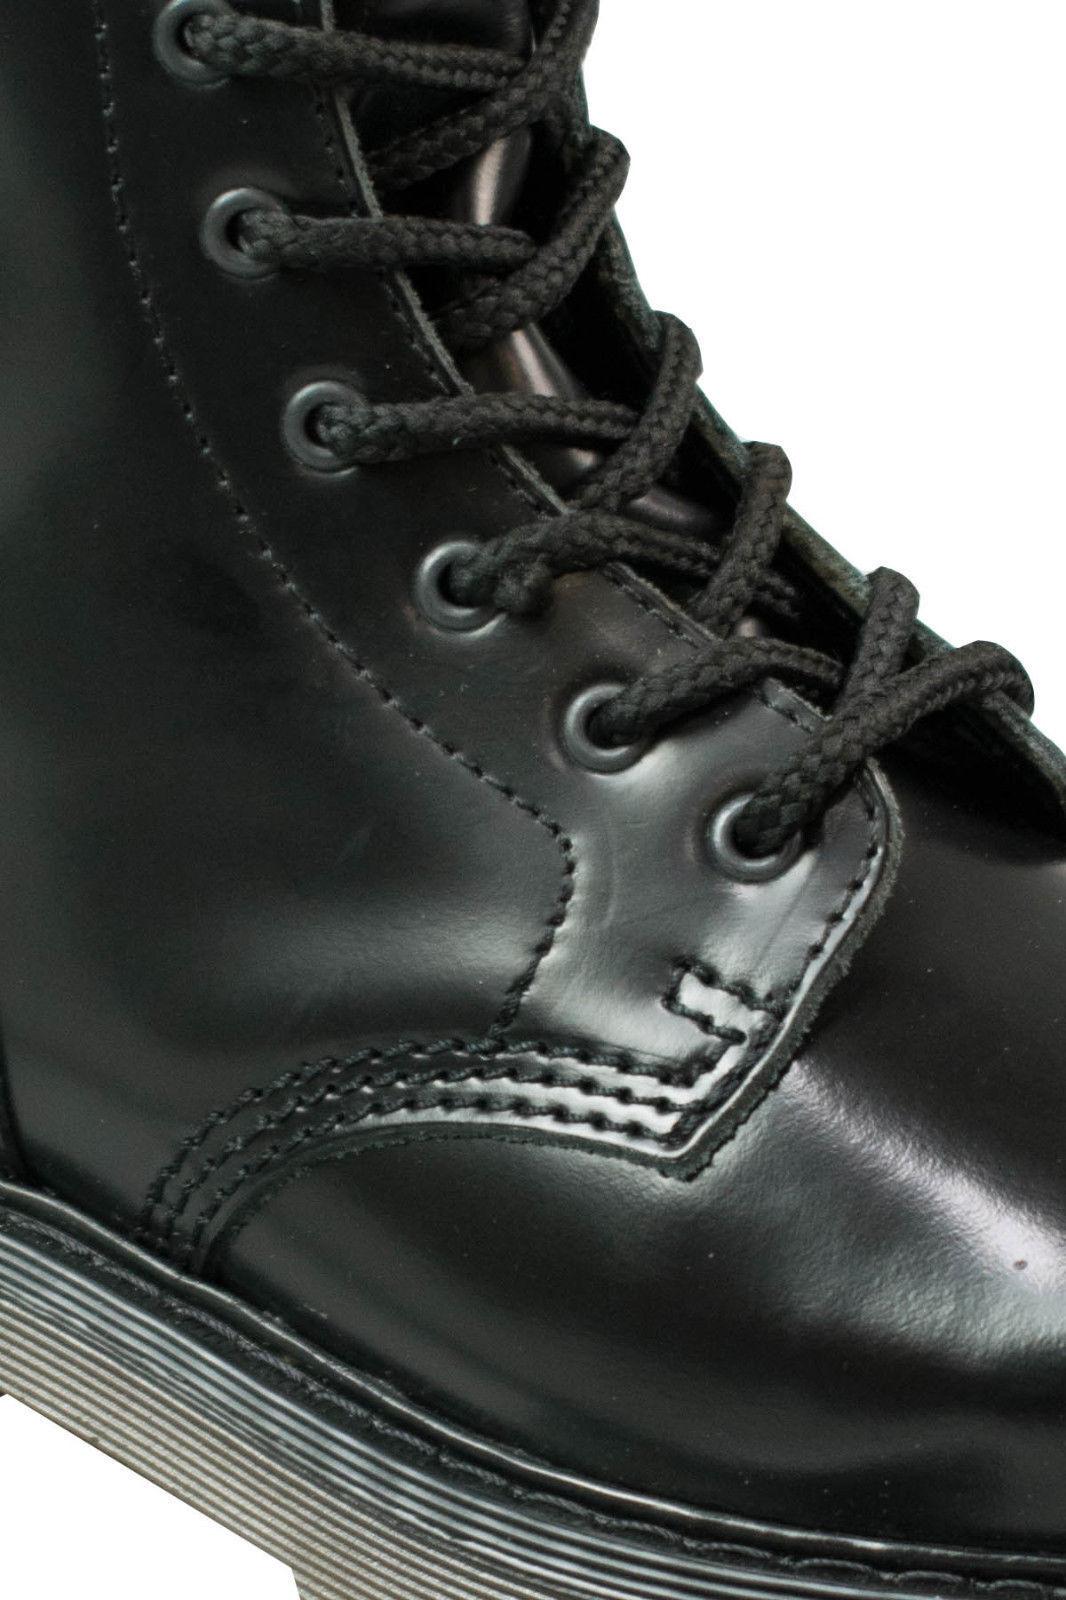 Alpha London 8-loch Boot 4430 Ohne Ohne Ohne Stahlkappe Beige Sohle / Schwarze Naht #5055 69acc4